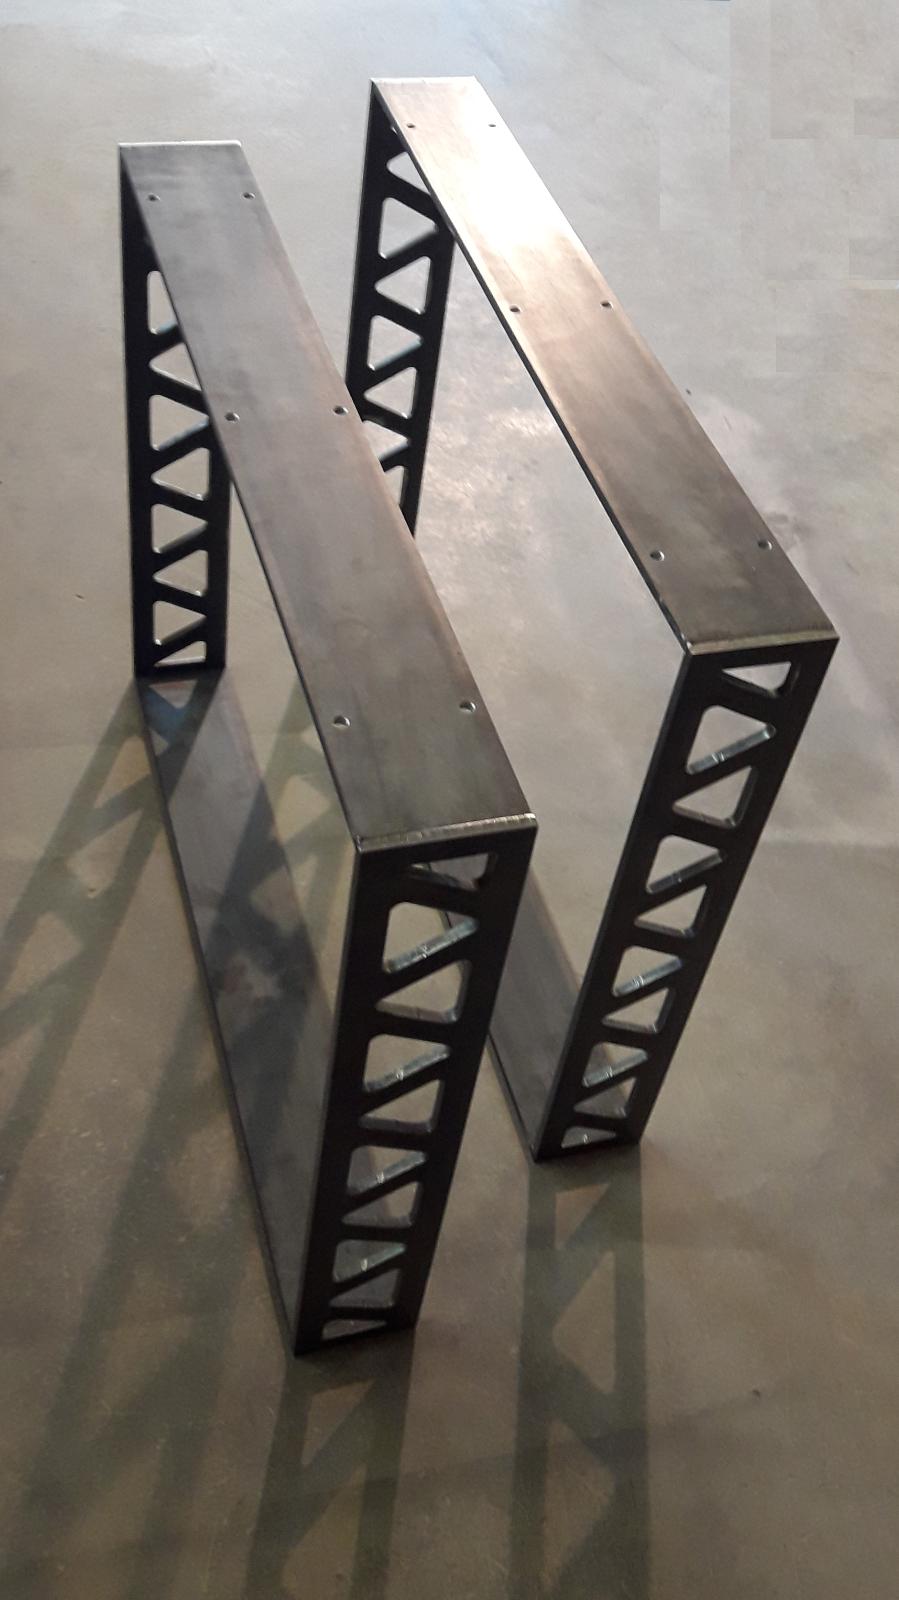 Tischkufen Industrial Design Tischgestell Stahl Untergestell Metall